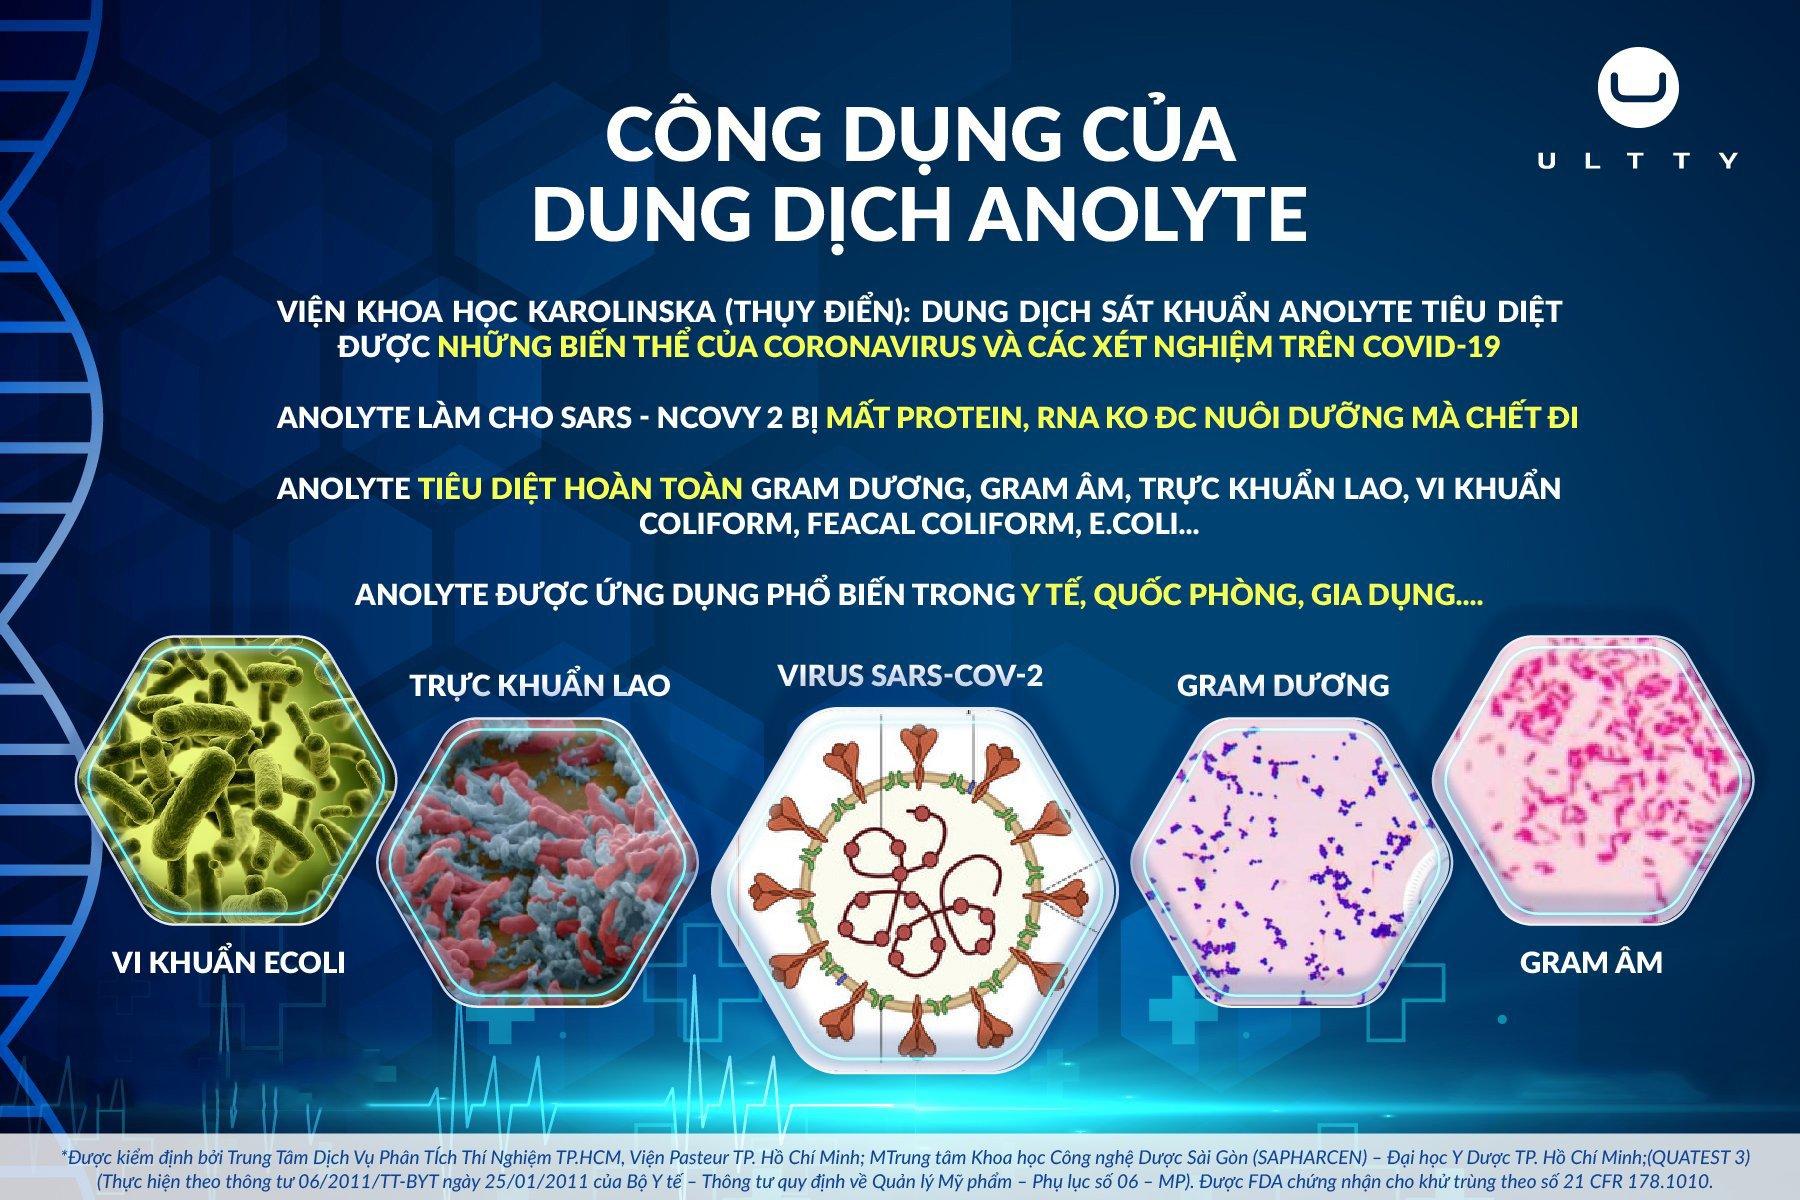 Bình điện phân diệt khuẩn Ultty – Sản xuất Anolyte - Hàng chính hãng